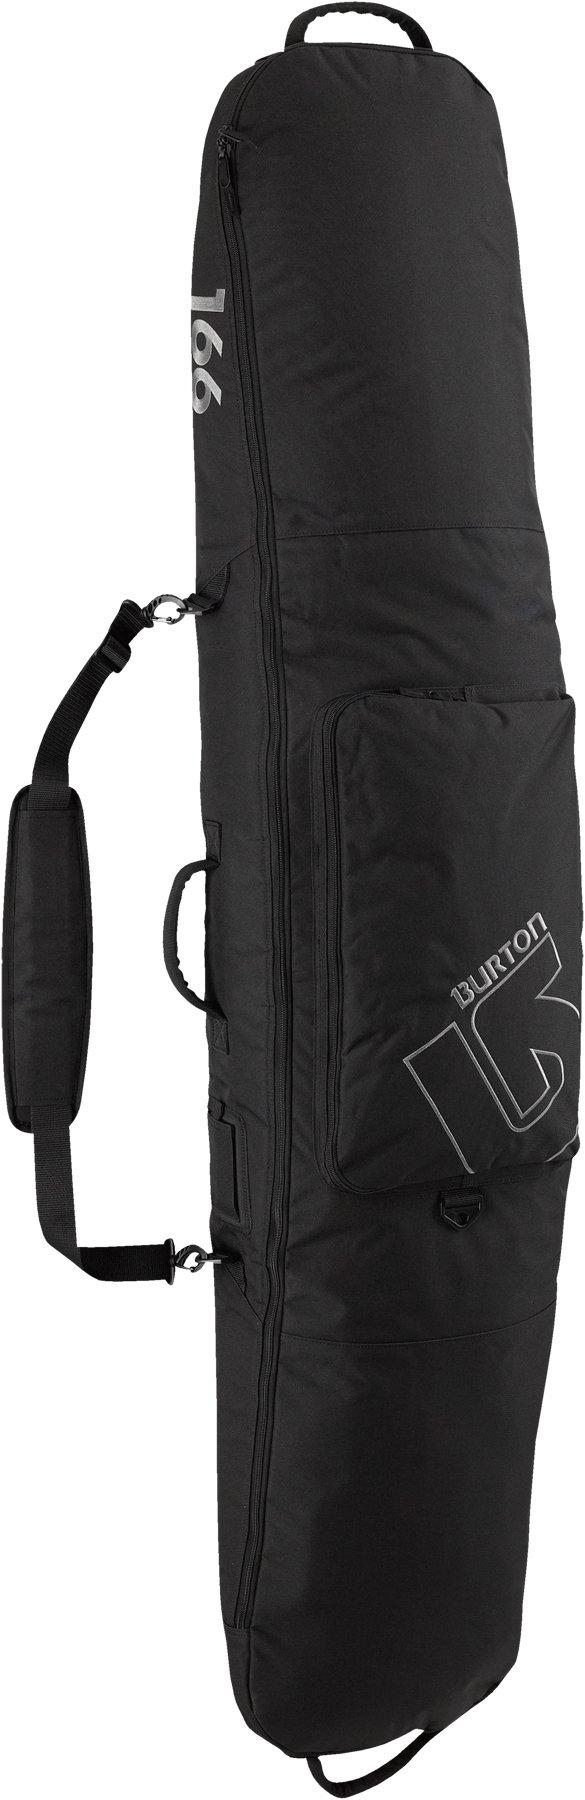 Burton Gig Bag Snowboard Bag - True Black, 146cm by Burton